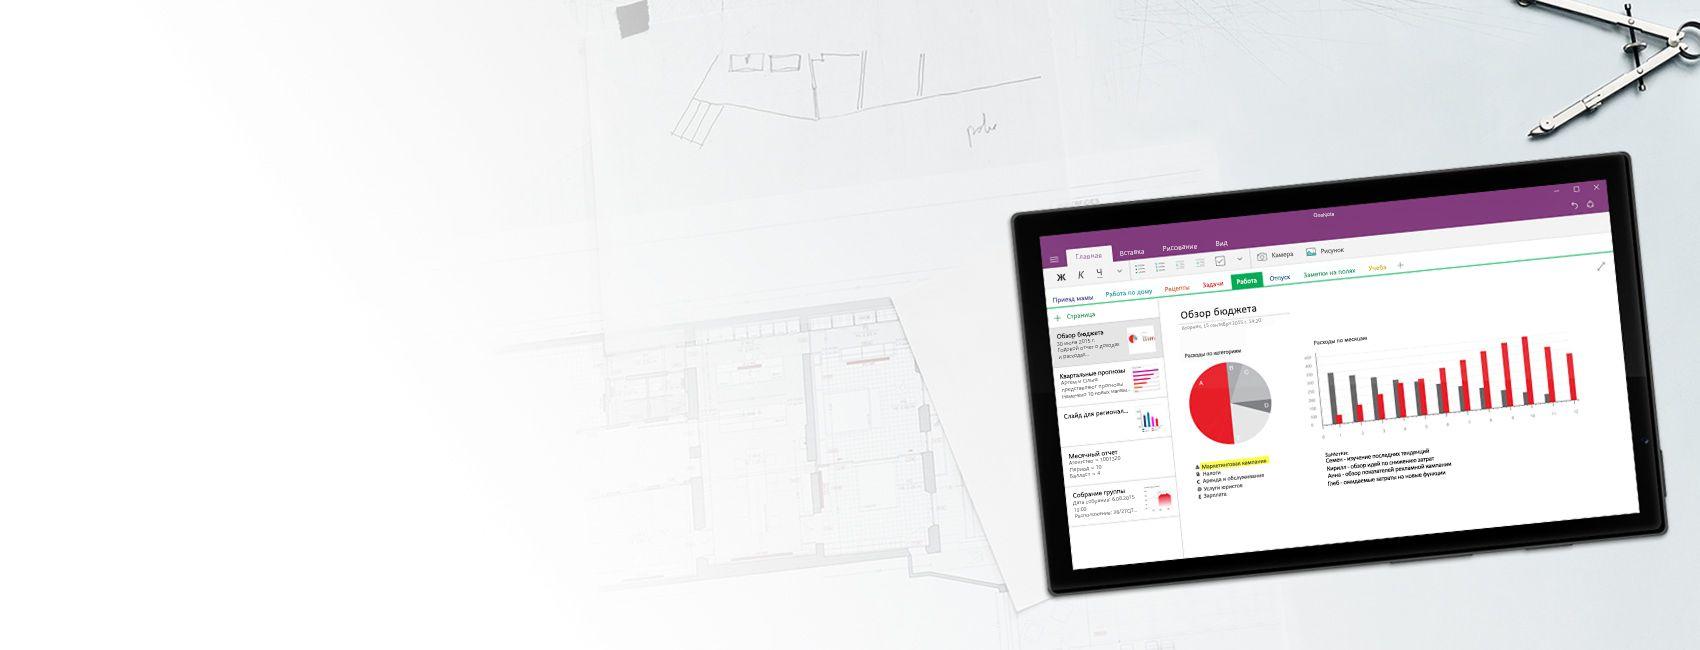 Планшет Windows, на экране которого— записная книжка OneNote с диаграммами и графиками с обзором бюджета.